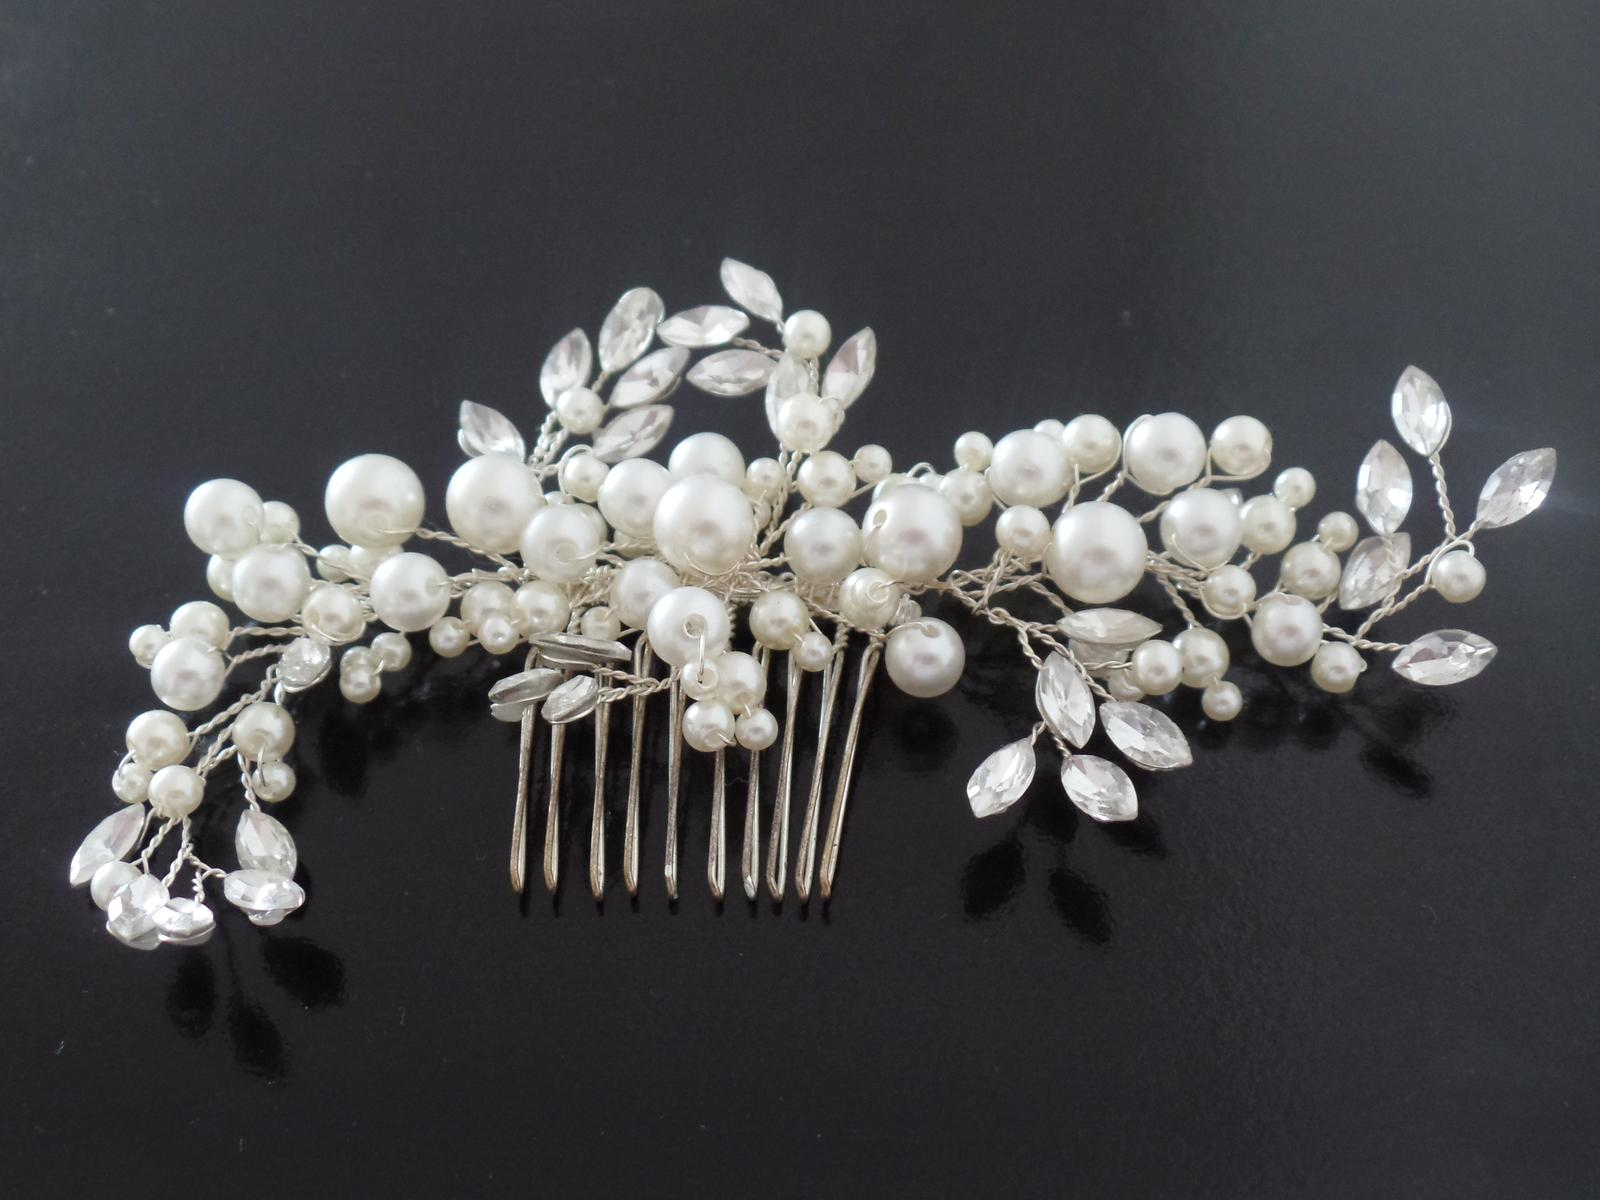 Perlovo - krystalový svatební hřebínek do vlasů 6879bc227d